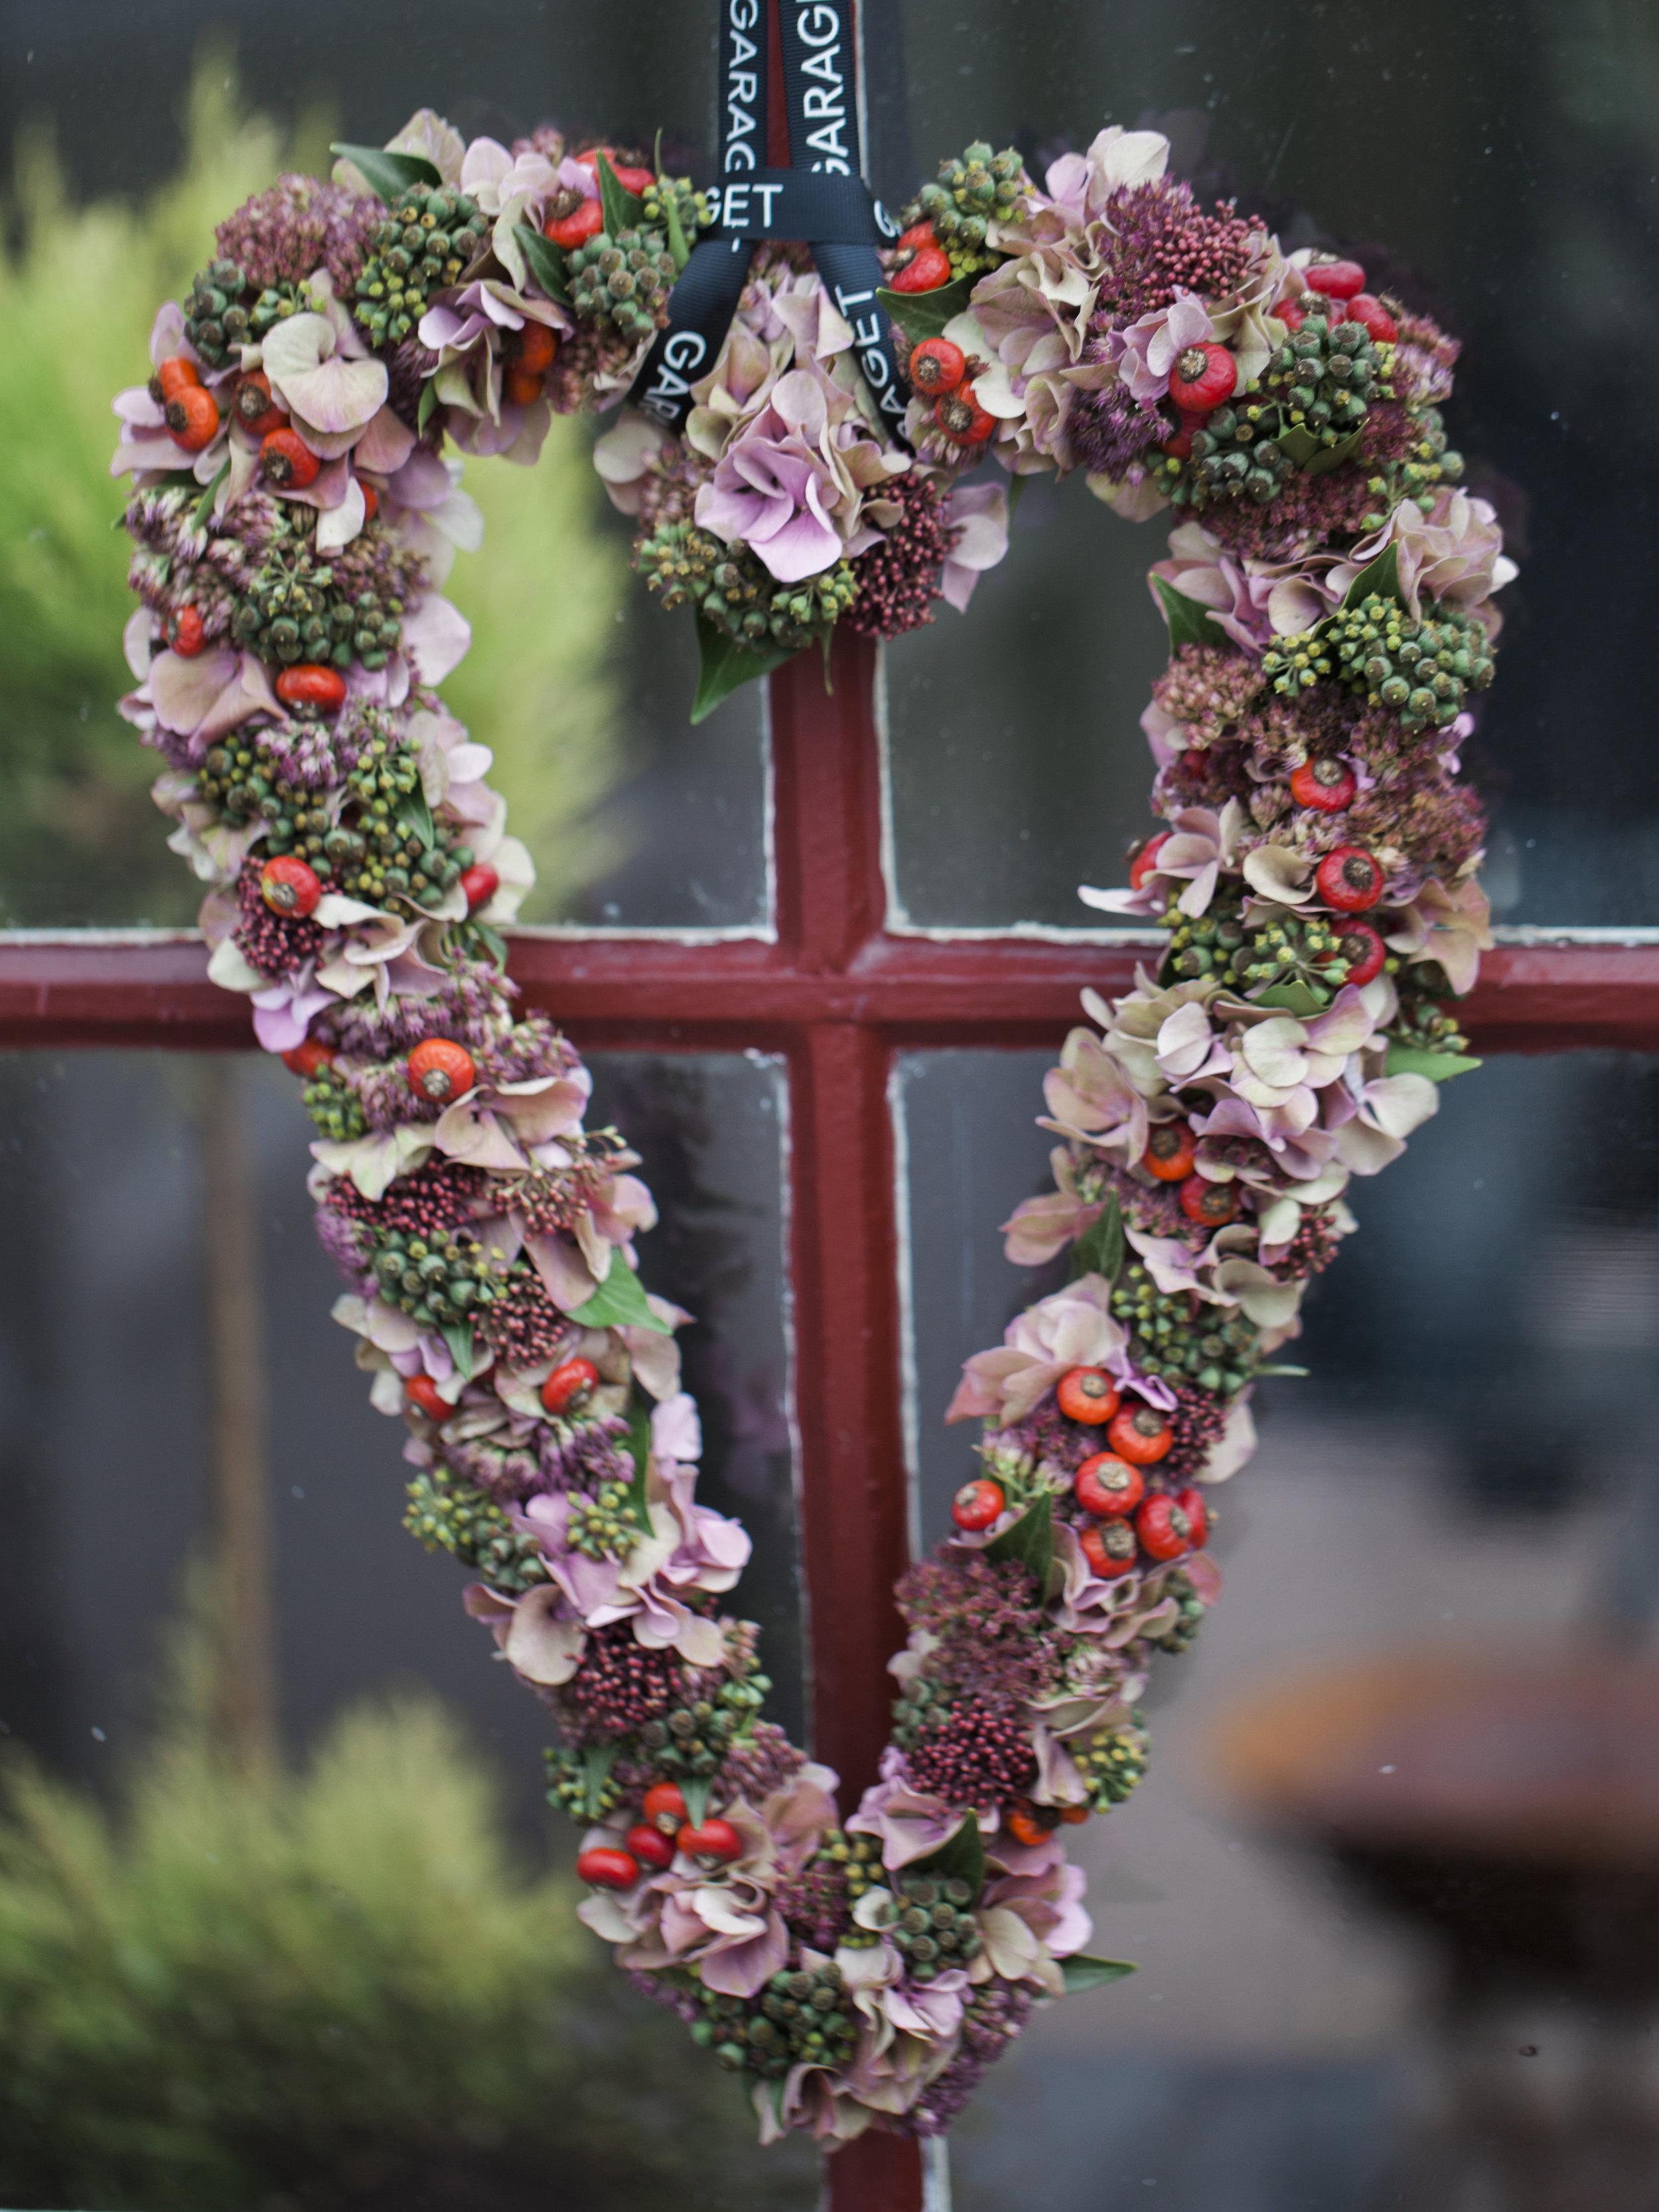 BLOMSTERARBETEN   Vi erbjuder alltid olika typer av blomsterarbeten såsom kransar, planteringar etc. Vi tillverkar alla våra arbeten i butiken med kärlek. Då efterfrågan är stor finns möjligheten att beställa här.   Beställ →